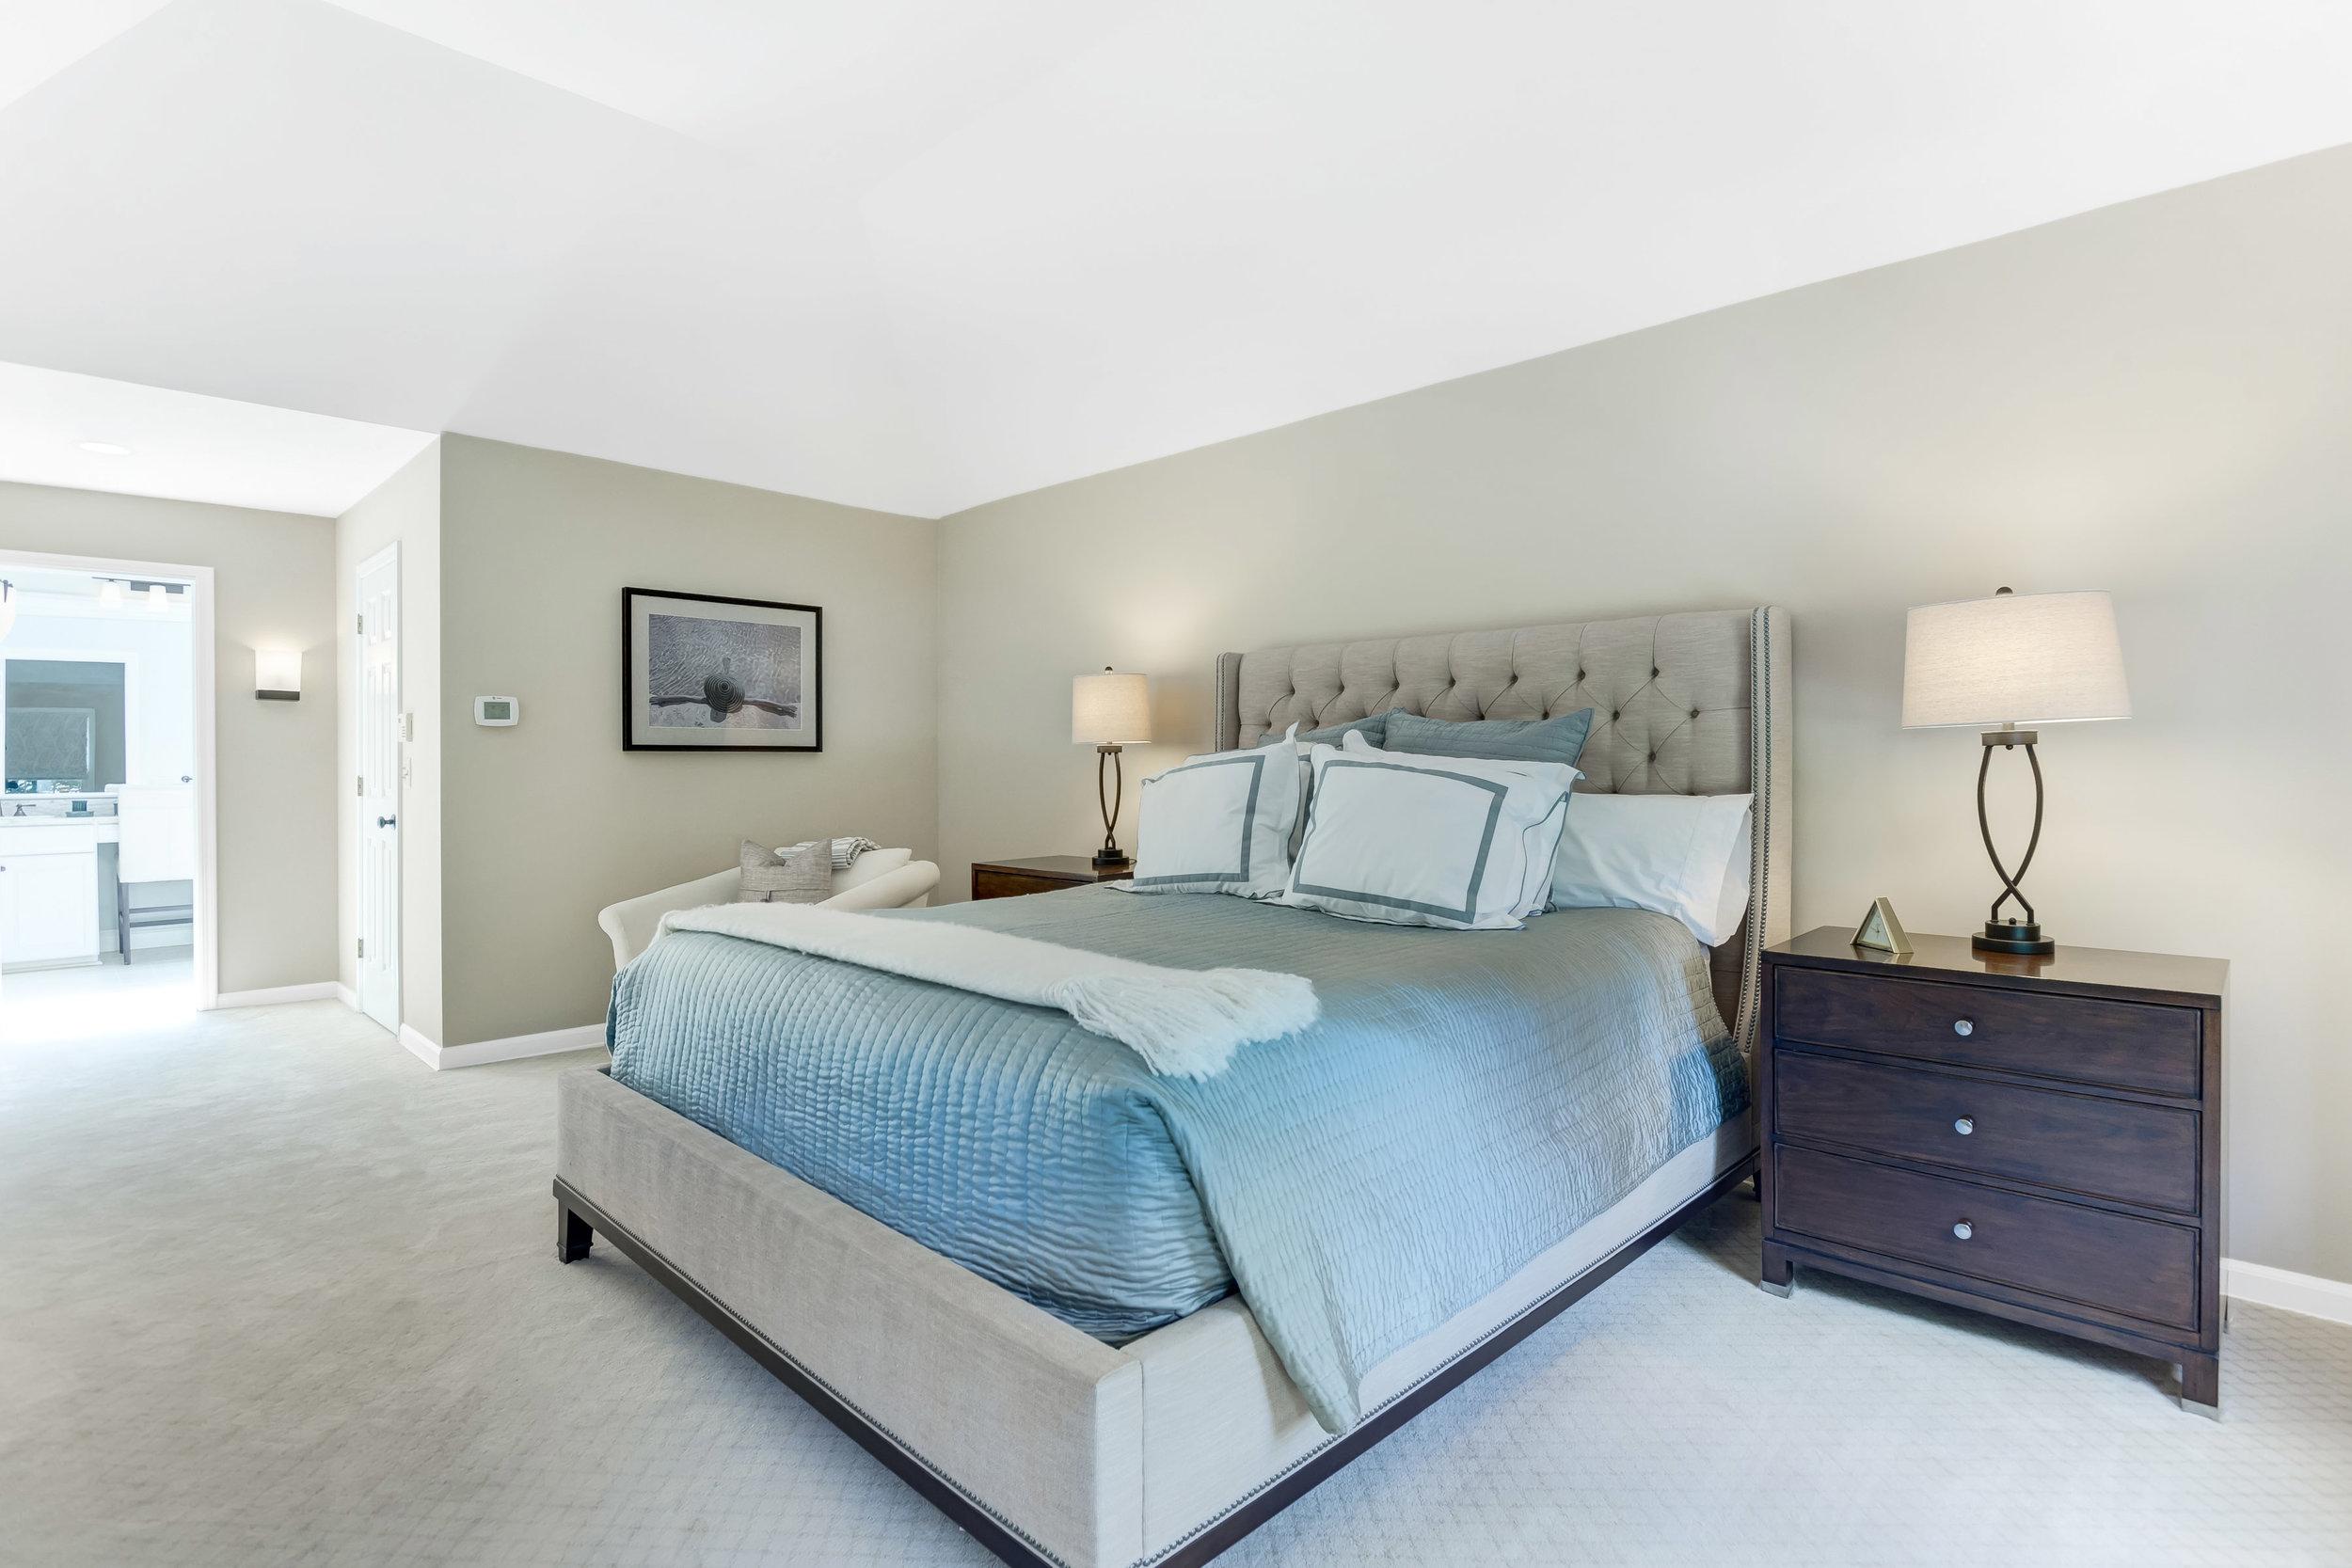 16 Master Bedroom _DSC5596_597_598_599_600.jpg